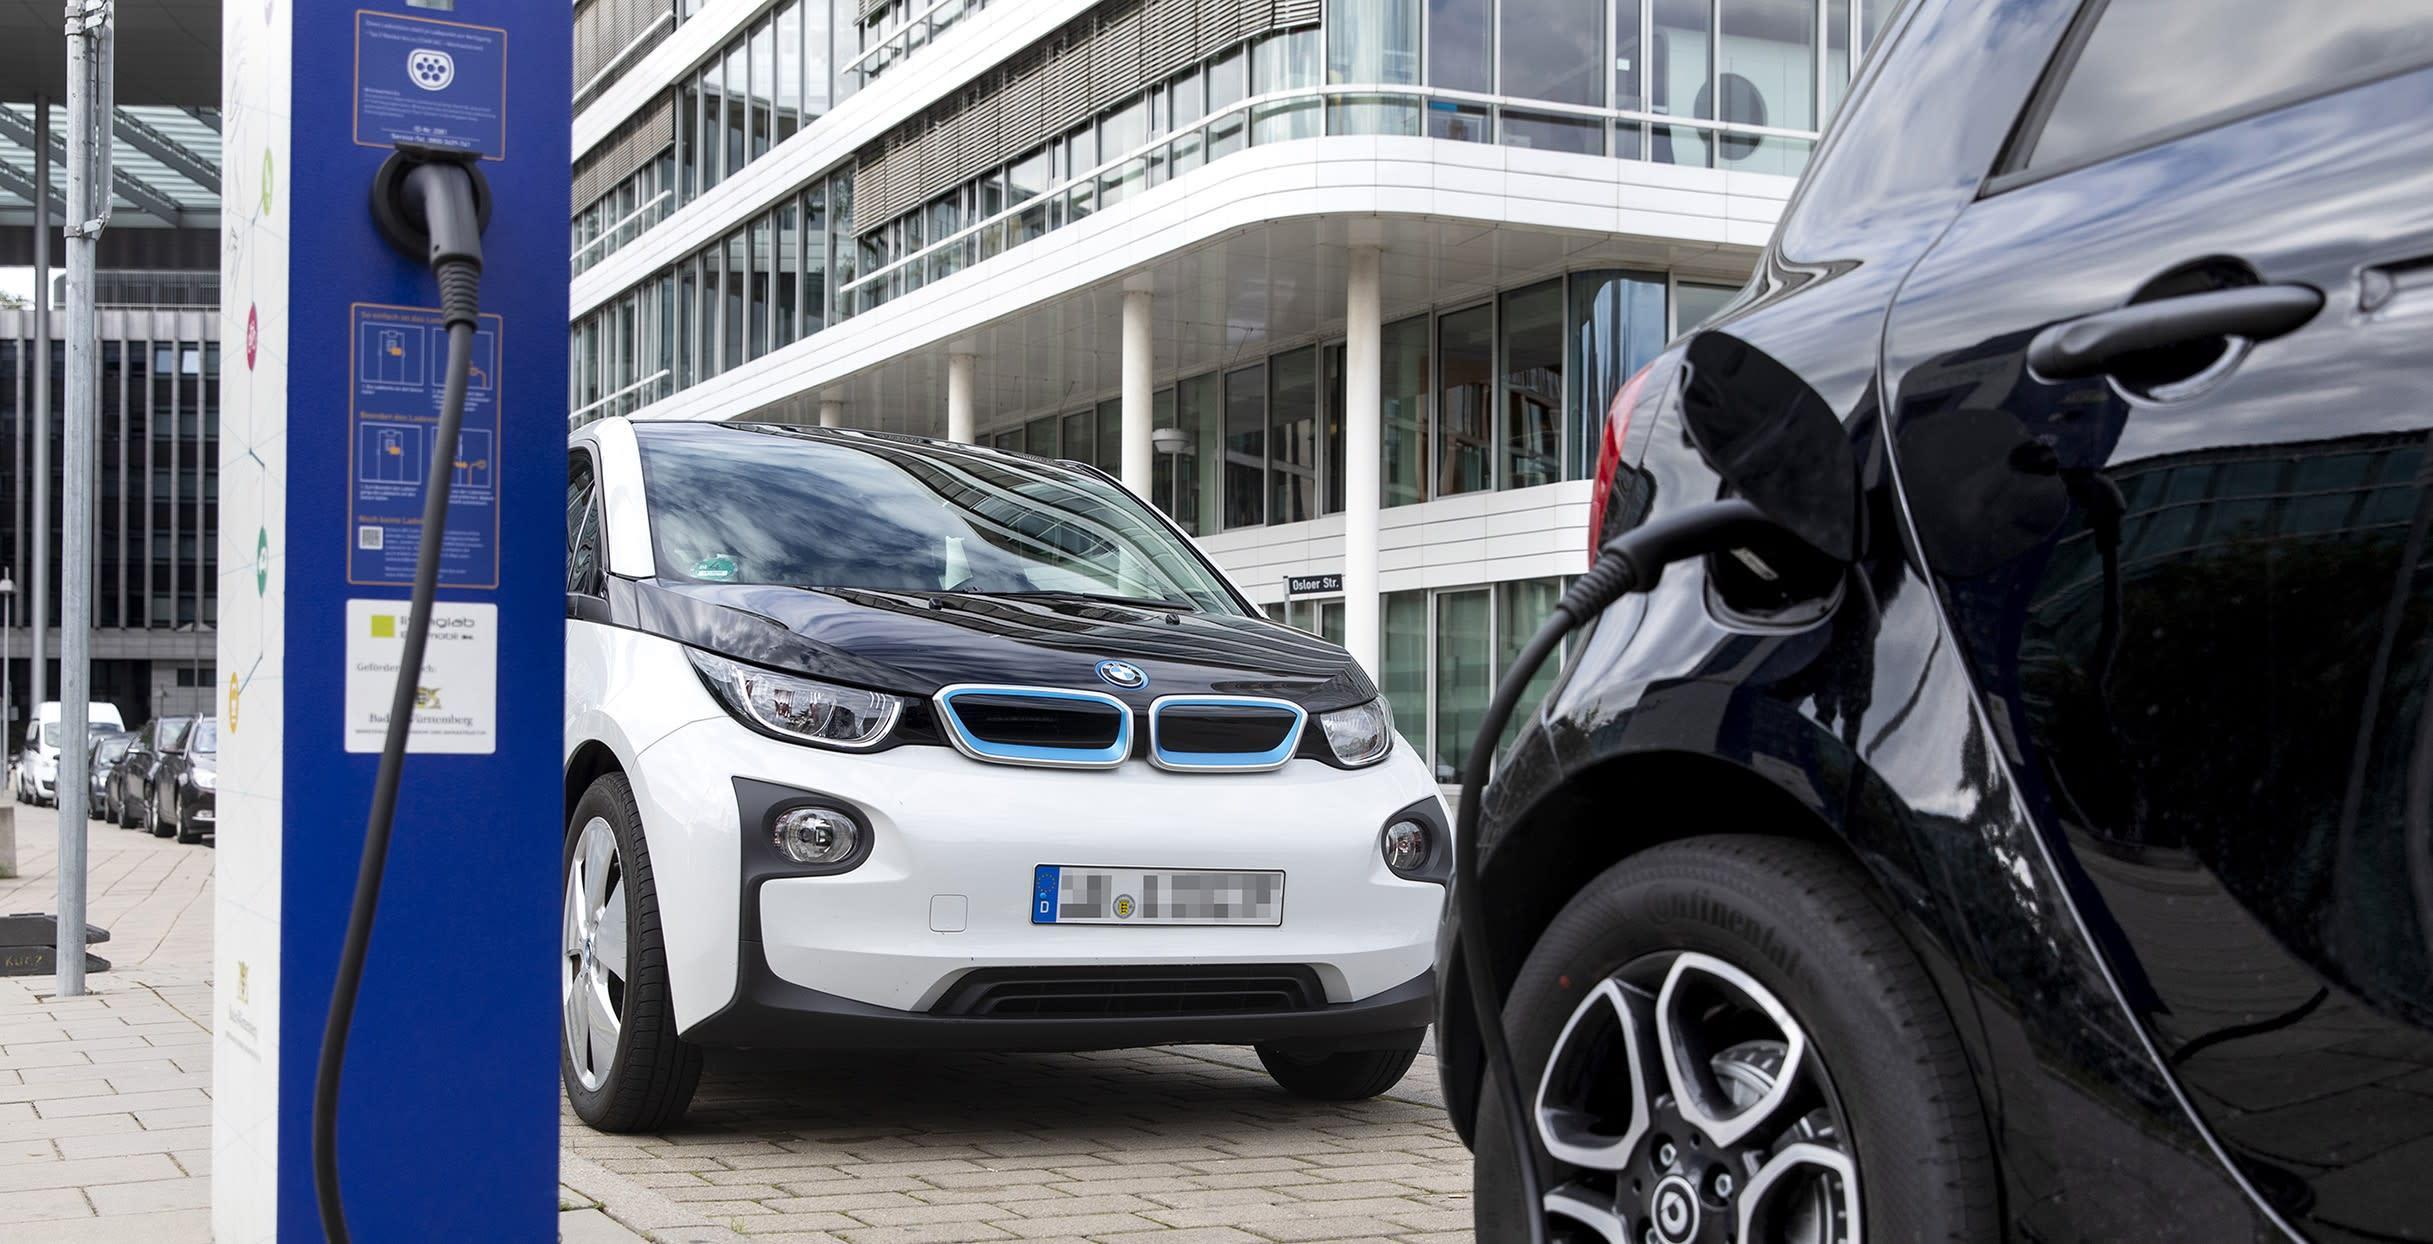 Avrupa'da Dizel ve Elektrikli Araçlar Arasındaki Yarış Devam Ediyor